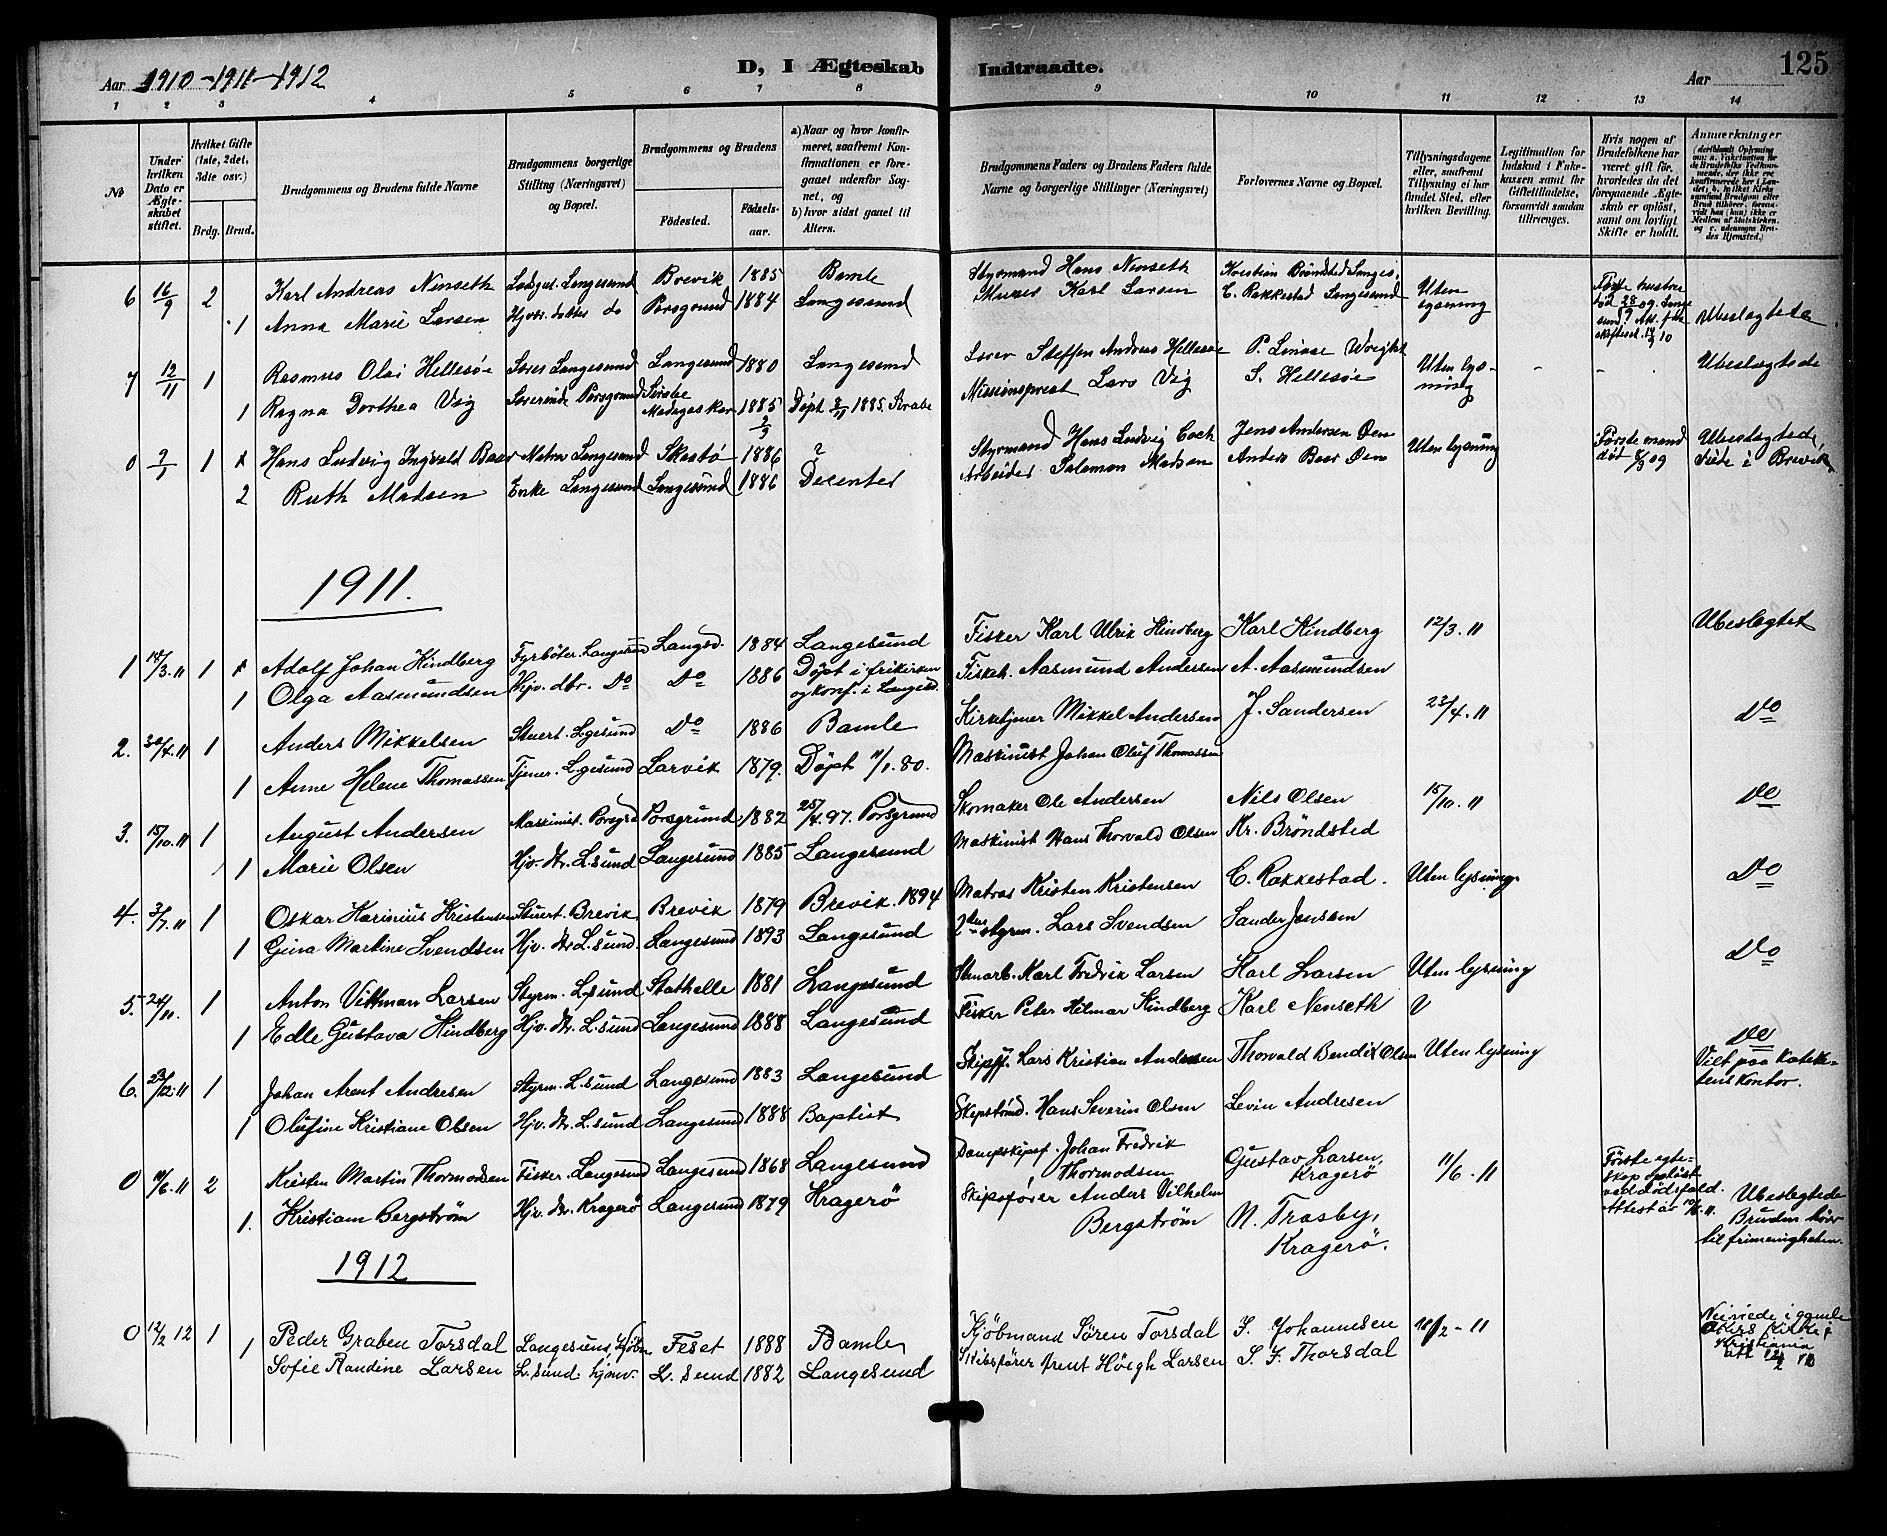 SAKO, Langesund kirkebøker, G/Ga/L0006: Klokkerbok nr. 6, 1899-1918, s. 125